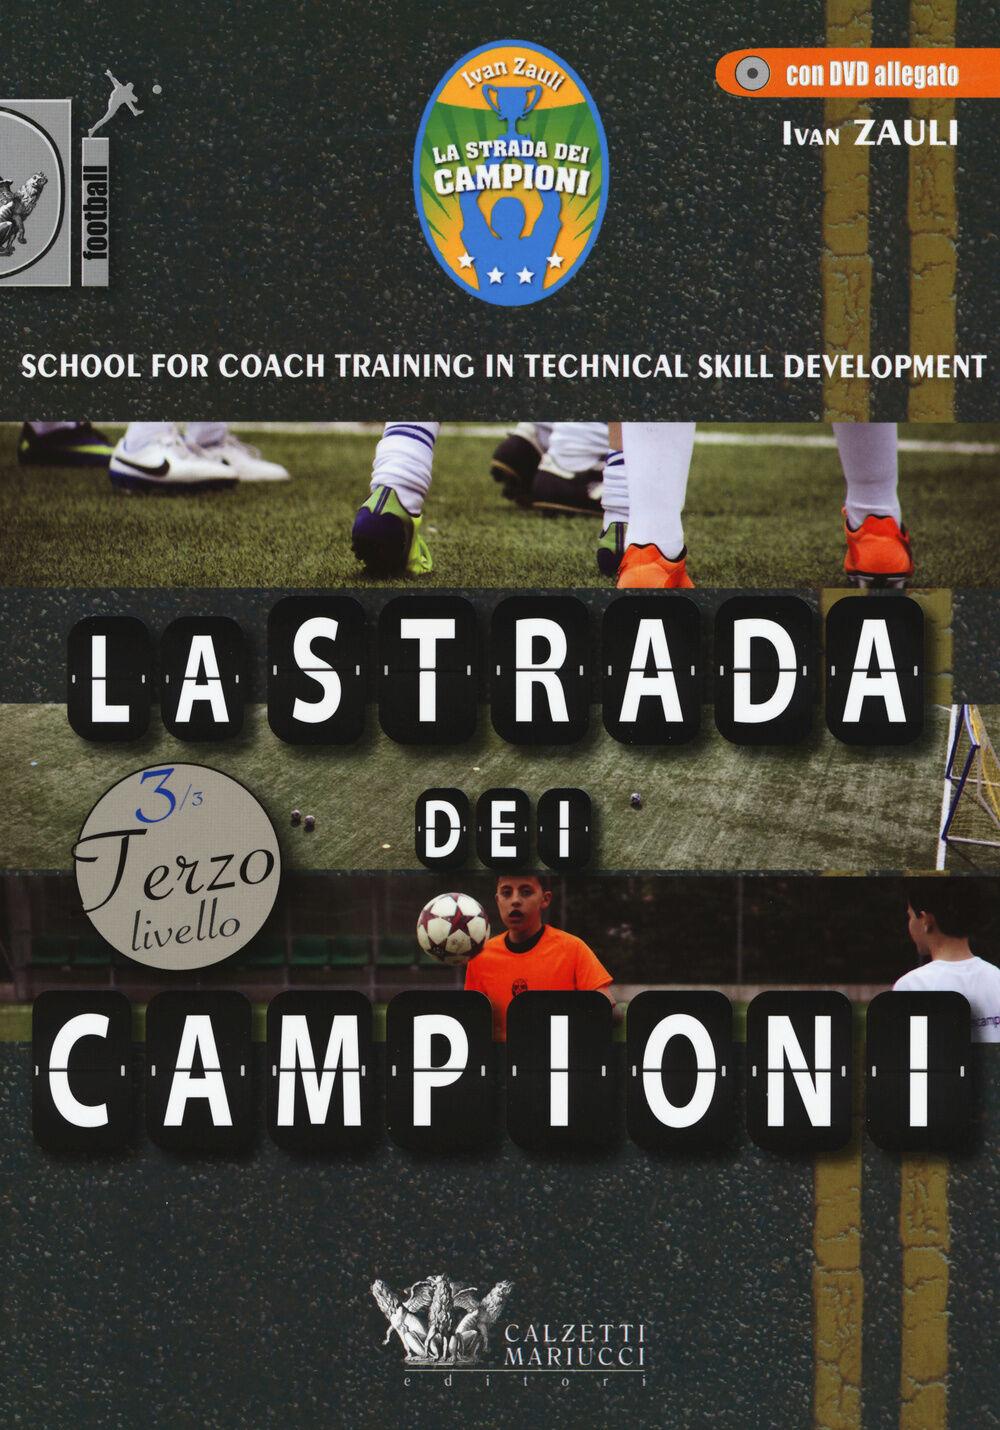 La strada dei campioni. School for coach training in technical skill development. Terzo livello. Con DVD